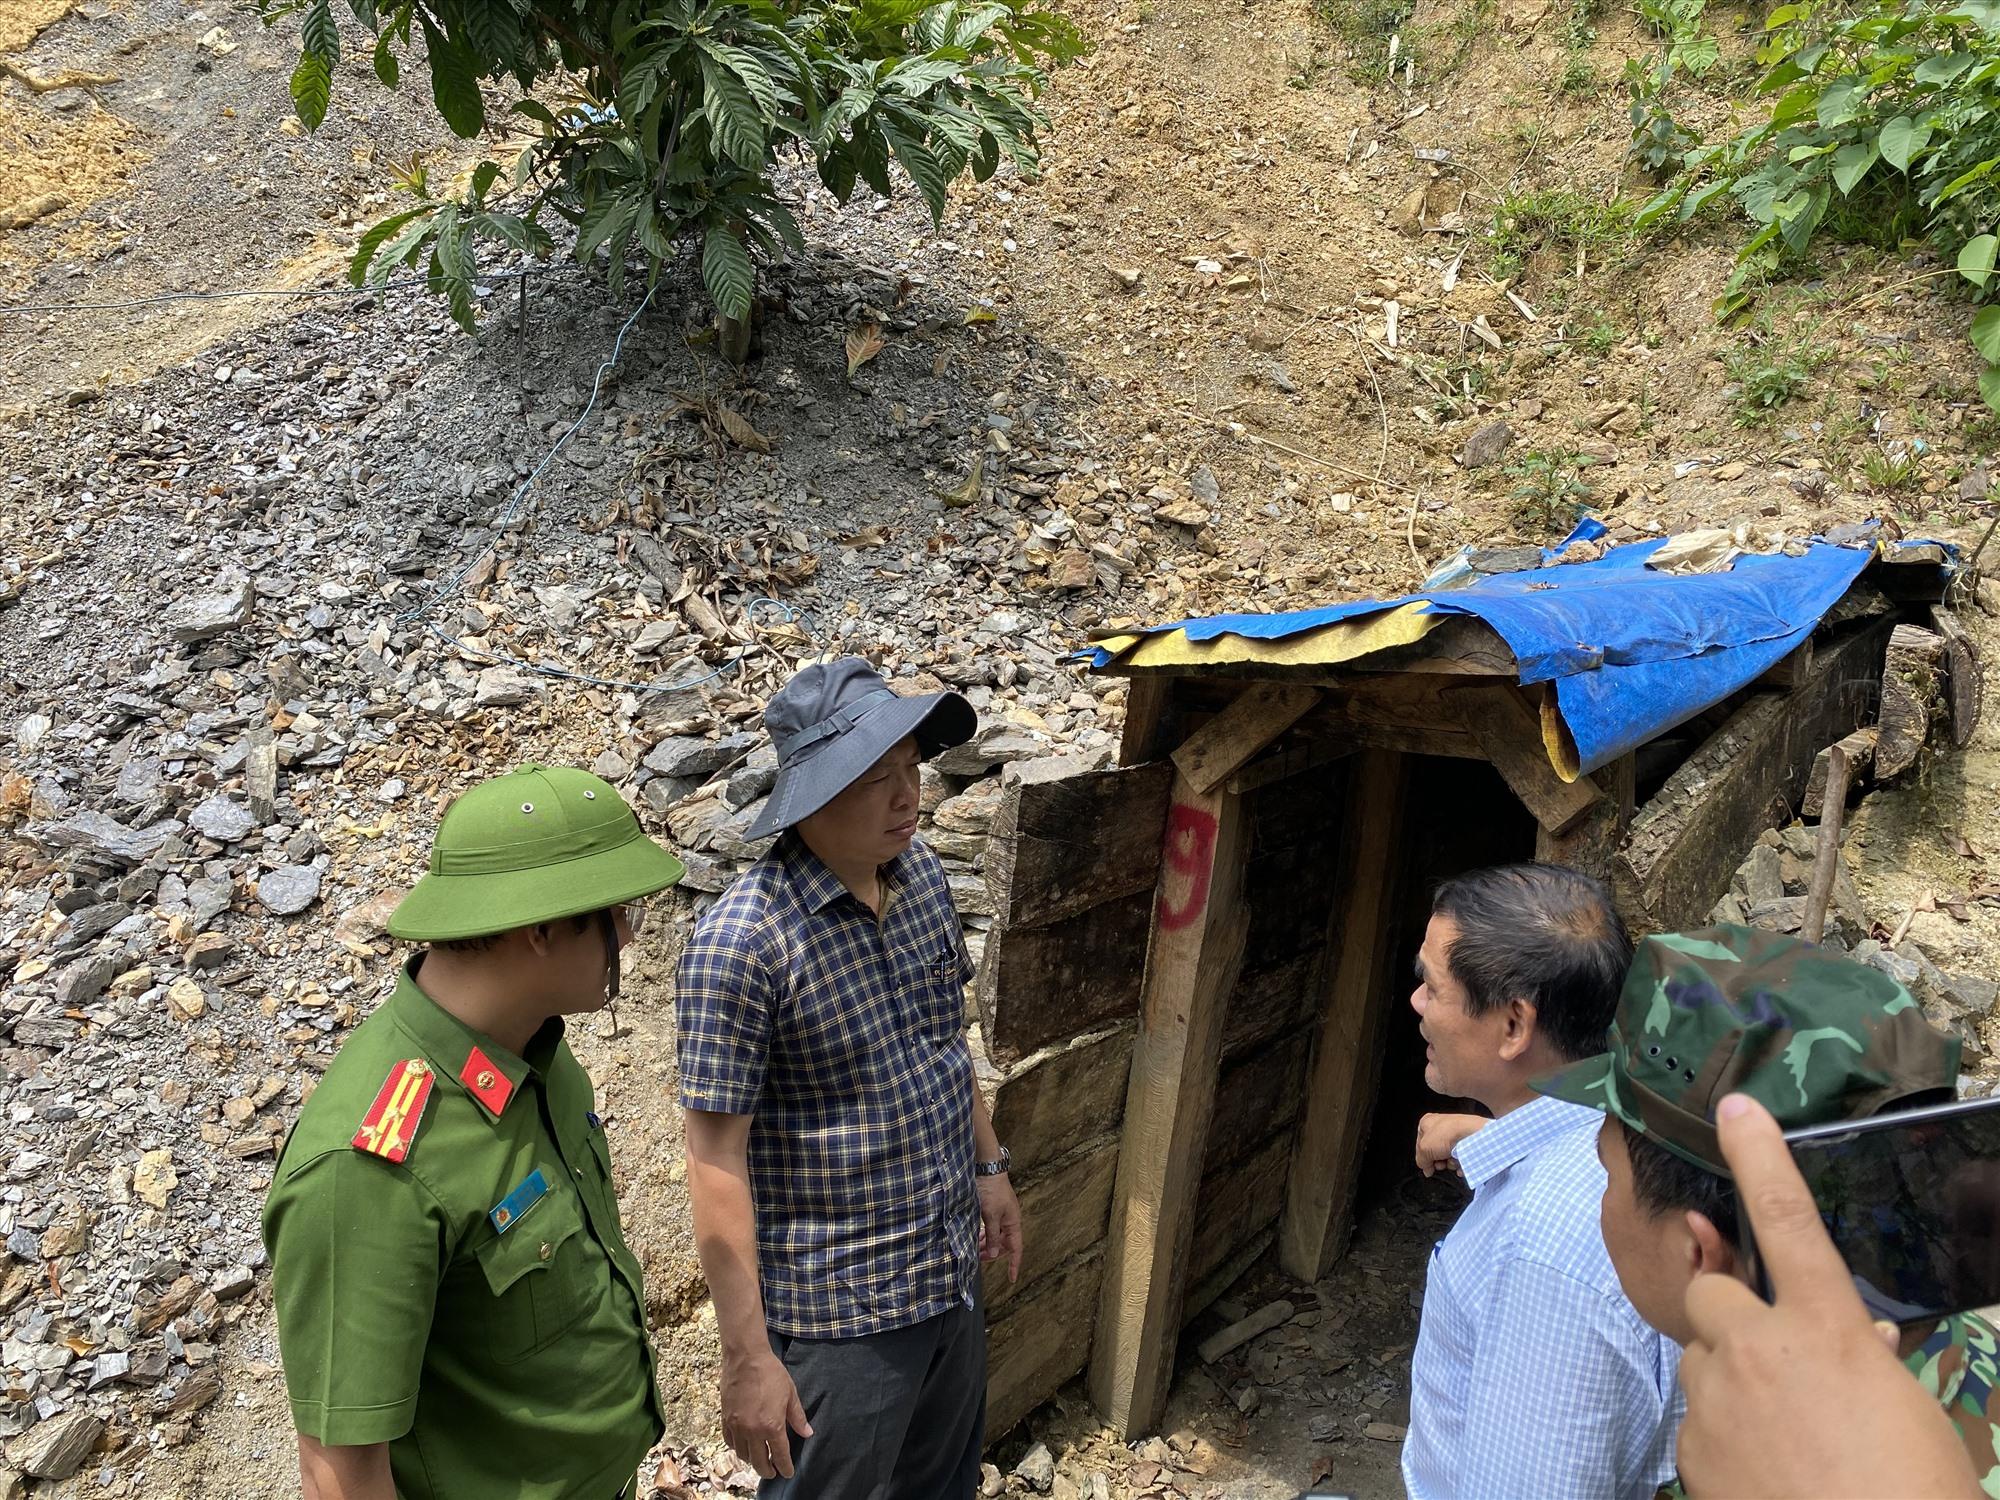 Các hầm vàng như thế này tại Vườn quốc gia Sông Thanh sẽ bị đánh sập bằng thuốc nổ. Ảnh: H.P